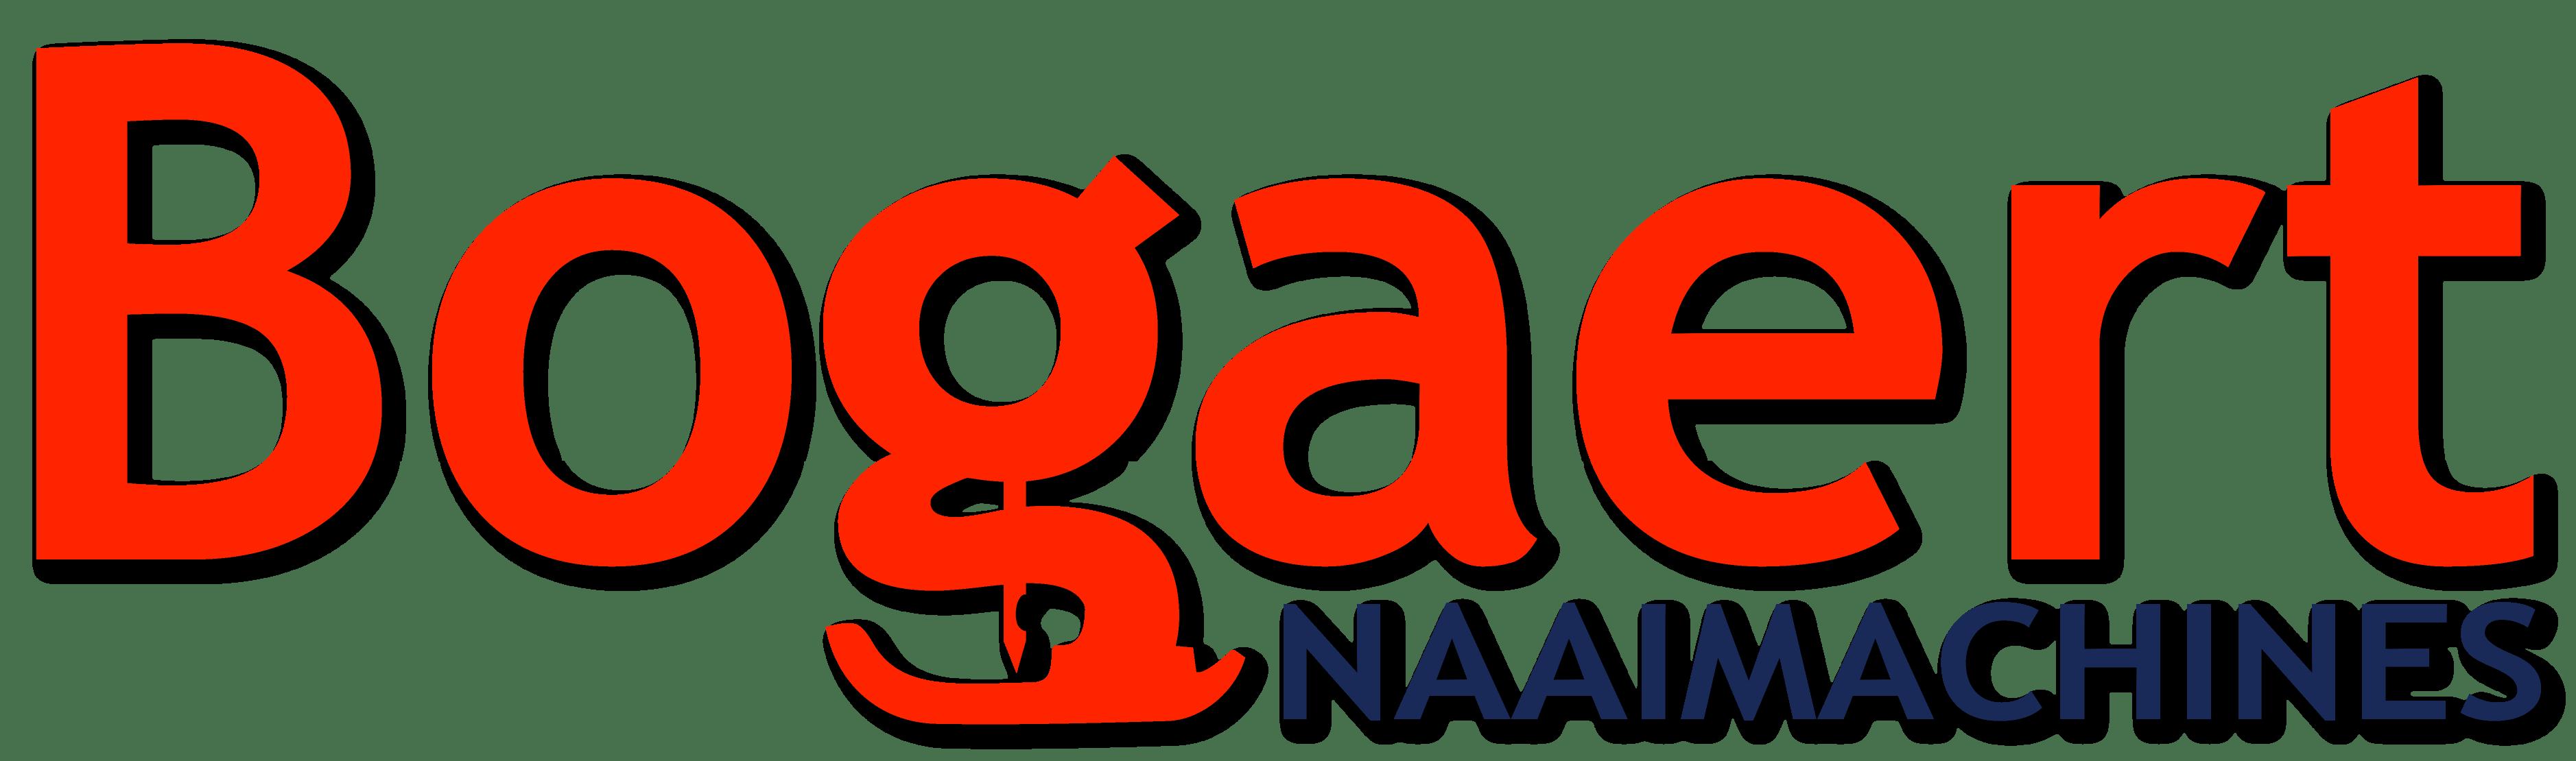 Bogaert Naaimachines